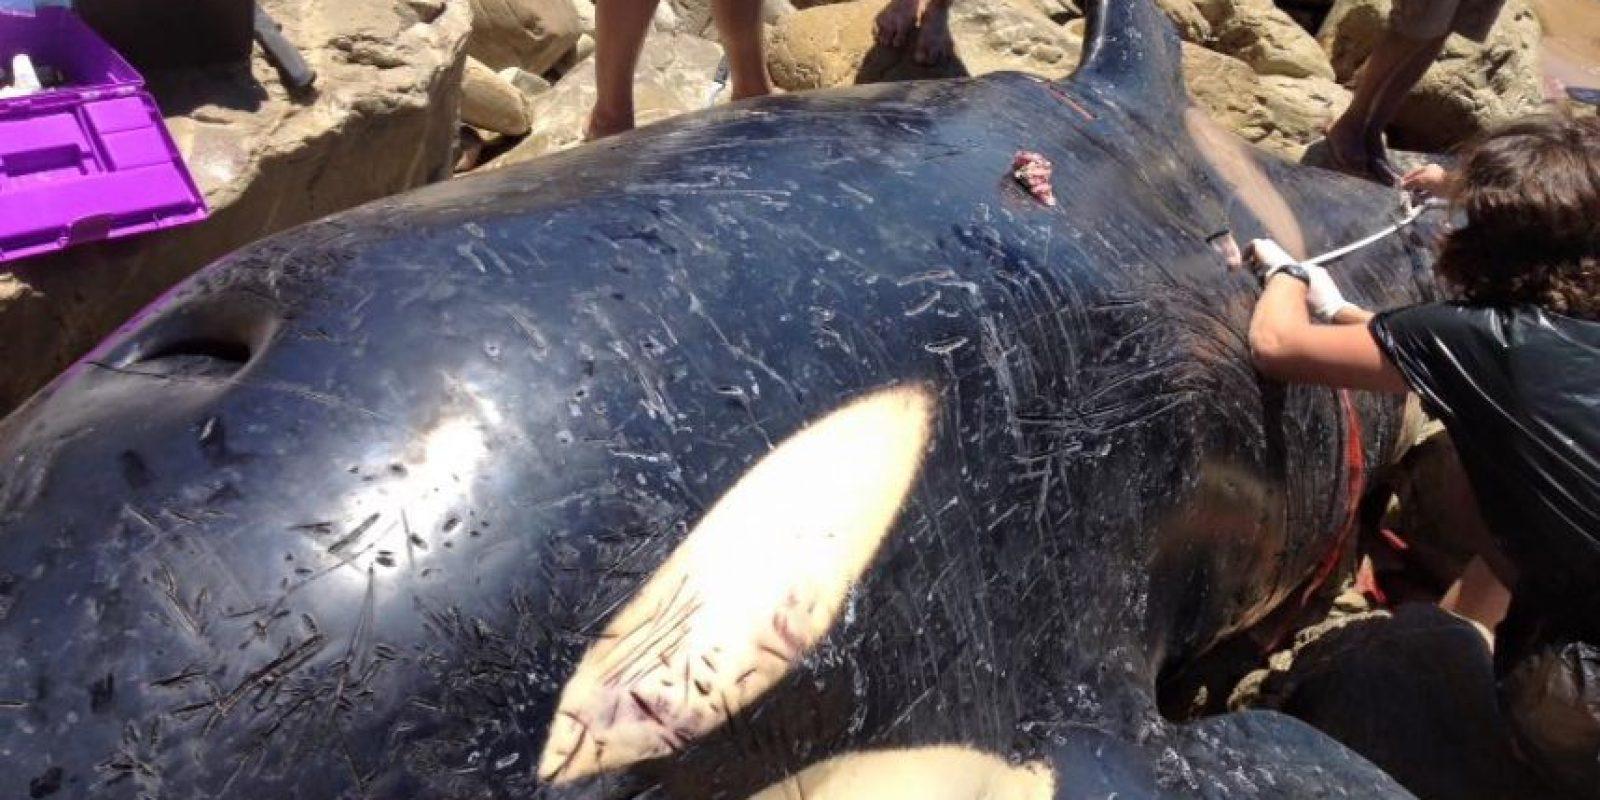 Esta es la orca encontrada en Sudáfrica Foto:Facebook.com/OrcaPlett